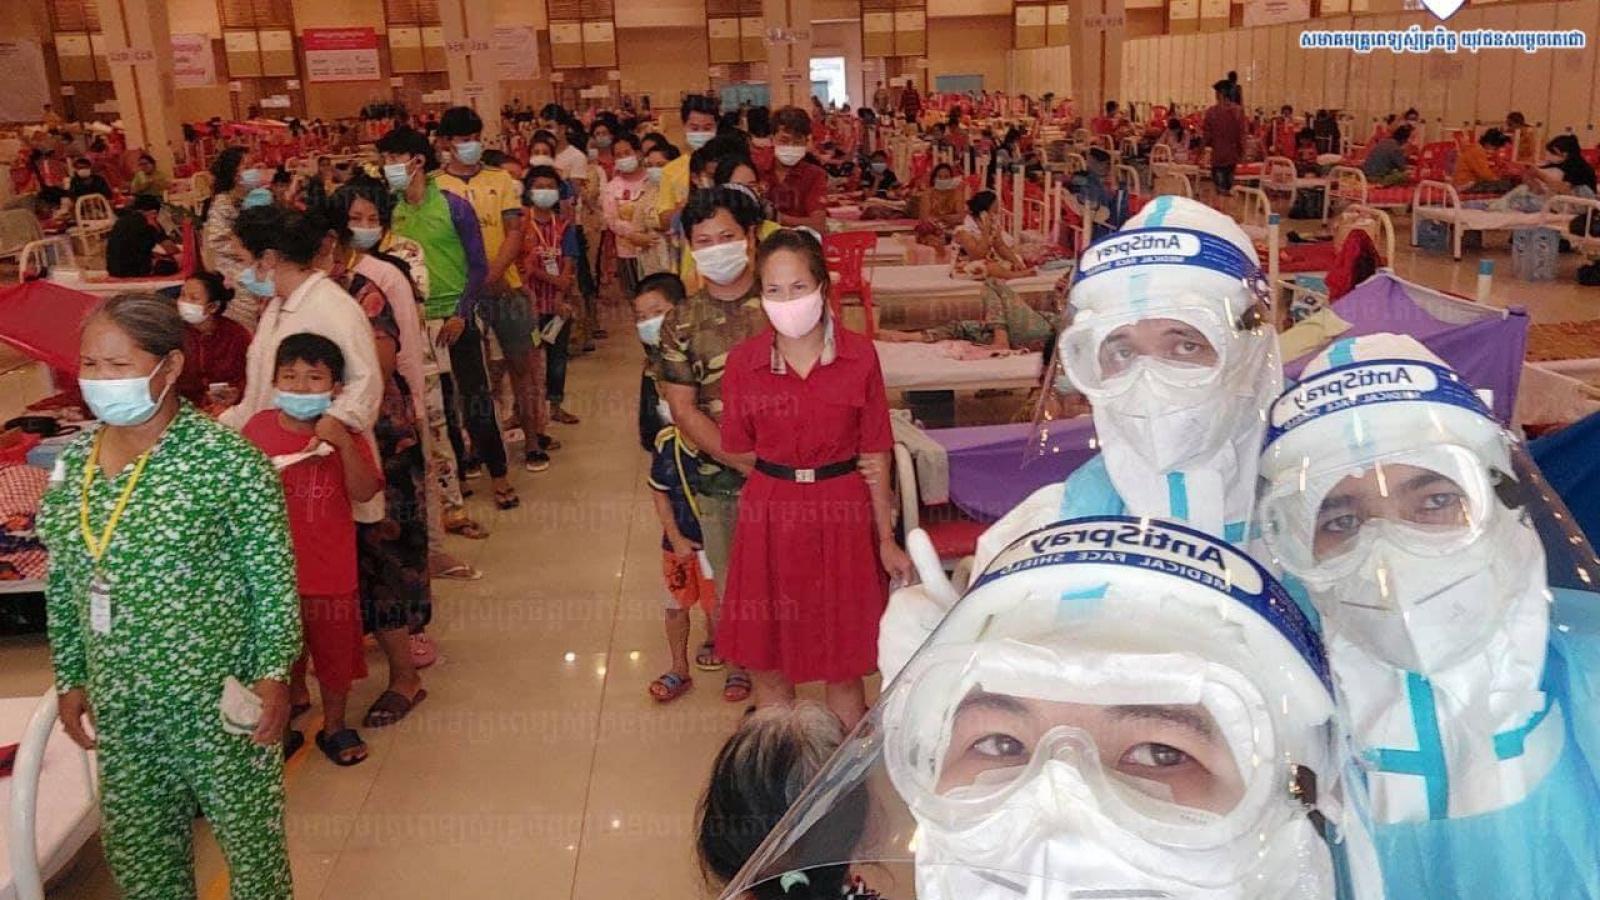 Campuchia ghi nhận 506 ca mắc Covid-19 mới và 6 ca tử vong trong 24 giờ